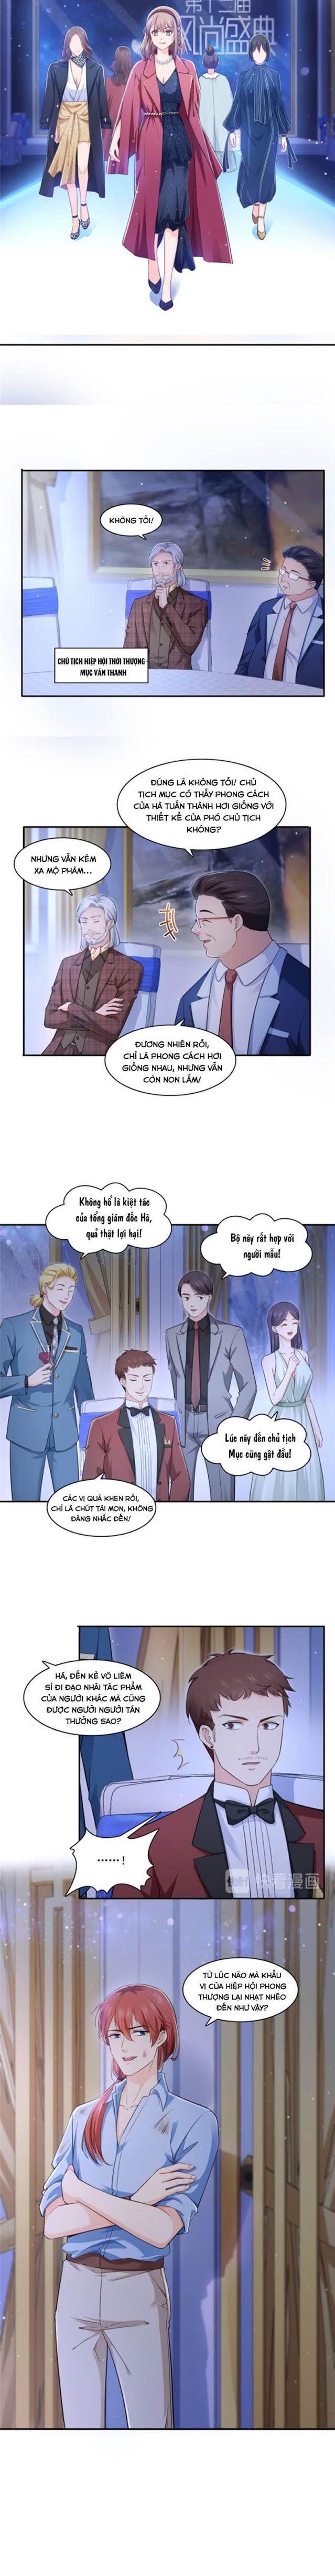 Đúng Như Hàn Quang Gặp Nắng Gắt Chapter 161 - upload bởi truyensieuhay.com